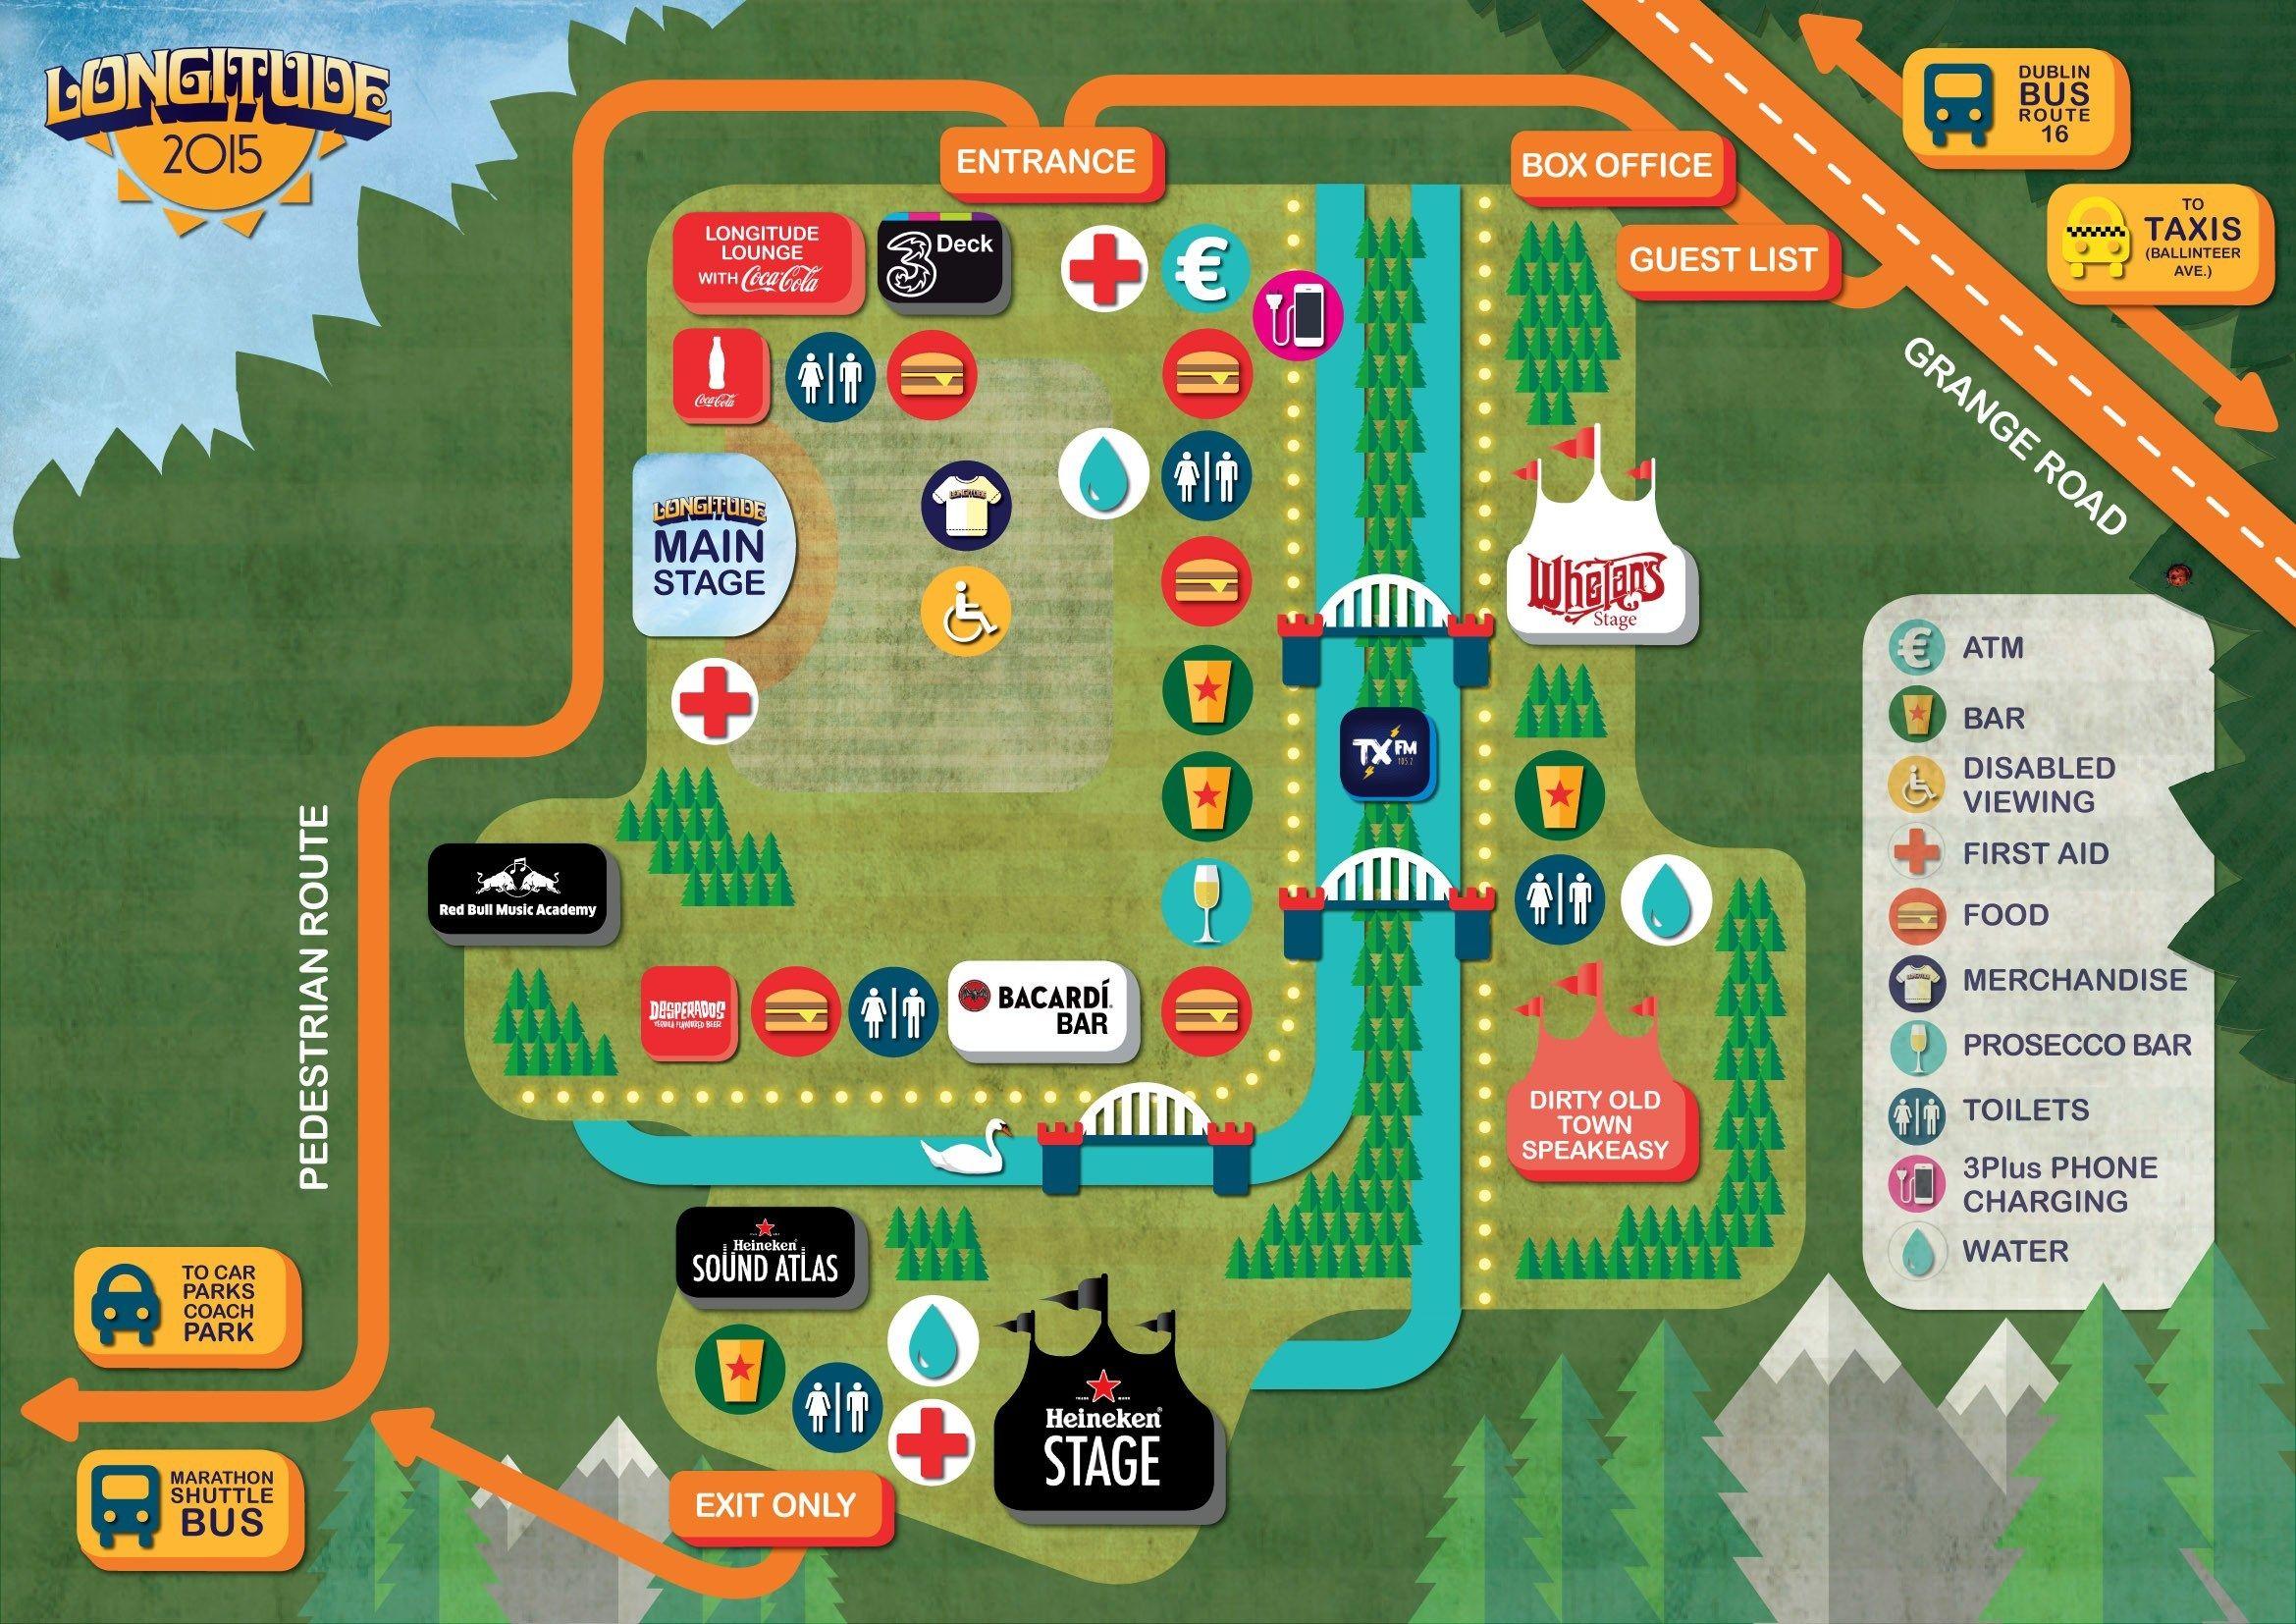 LONGITUDE 2015 SITE MAP